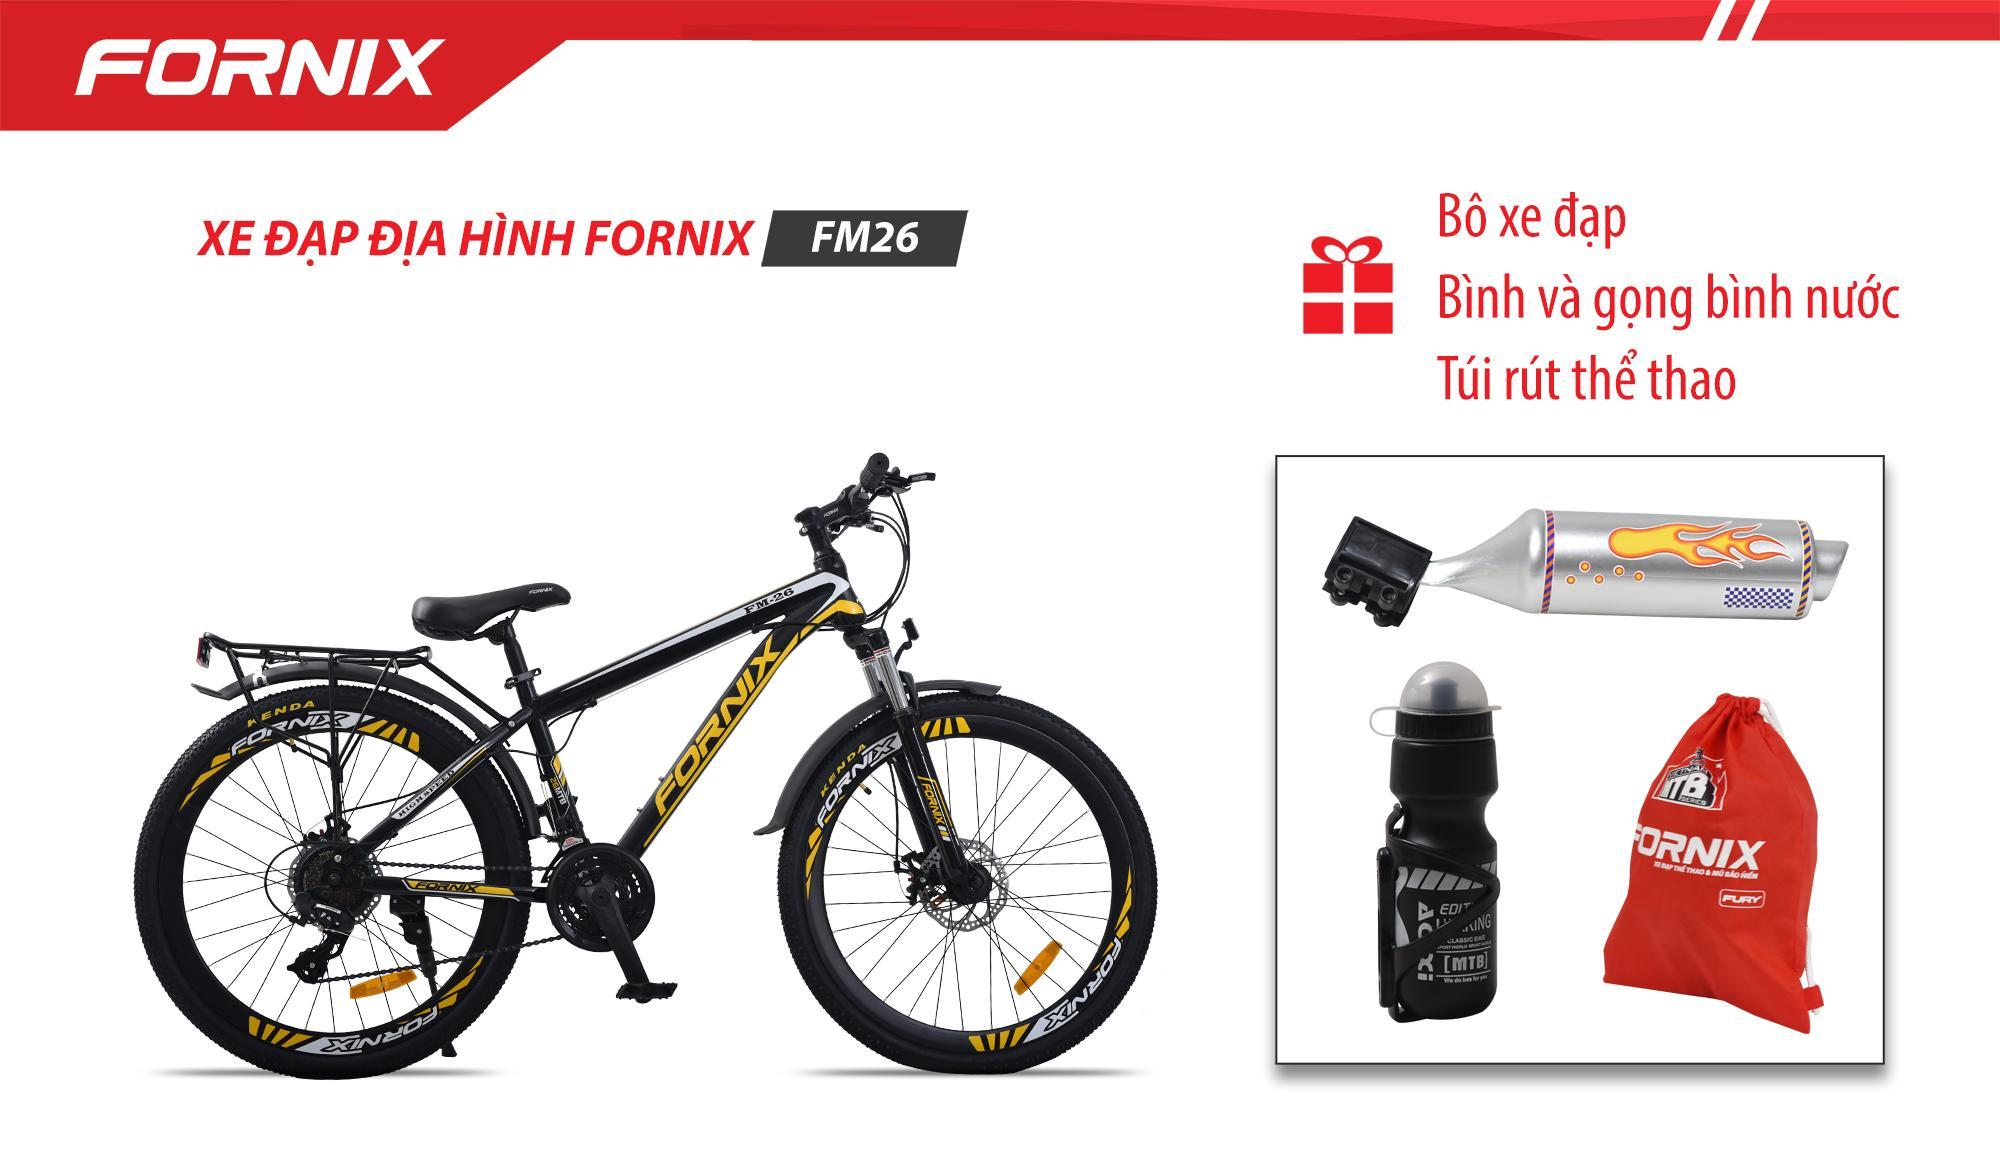 Mua [ Có video] Xe đạp địa hình thể thao Fornix FM26 + (Gift) Túi Fornix + Pô xe đạp + Bình và gọng bình nước